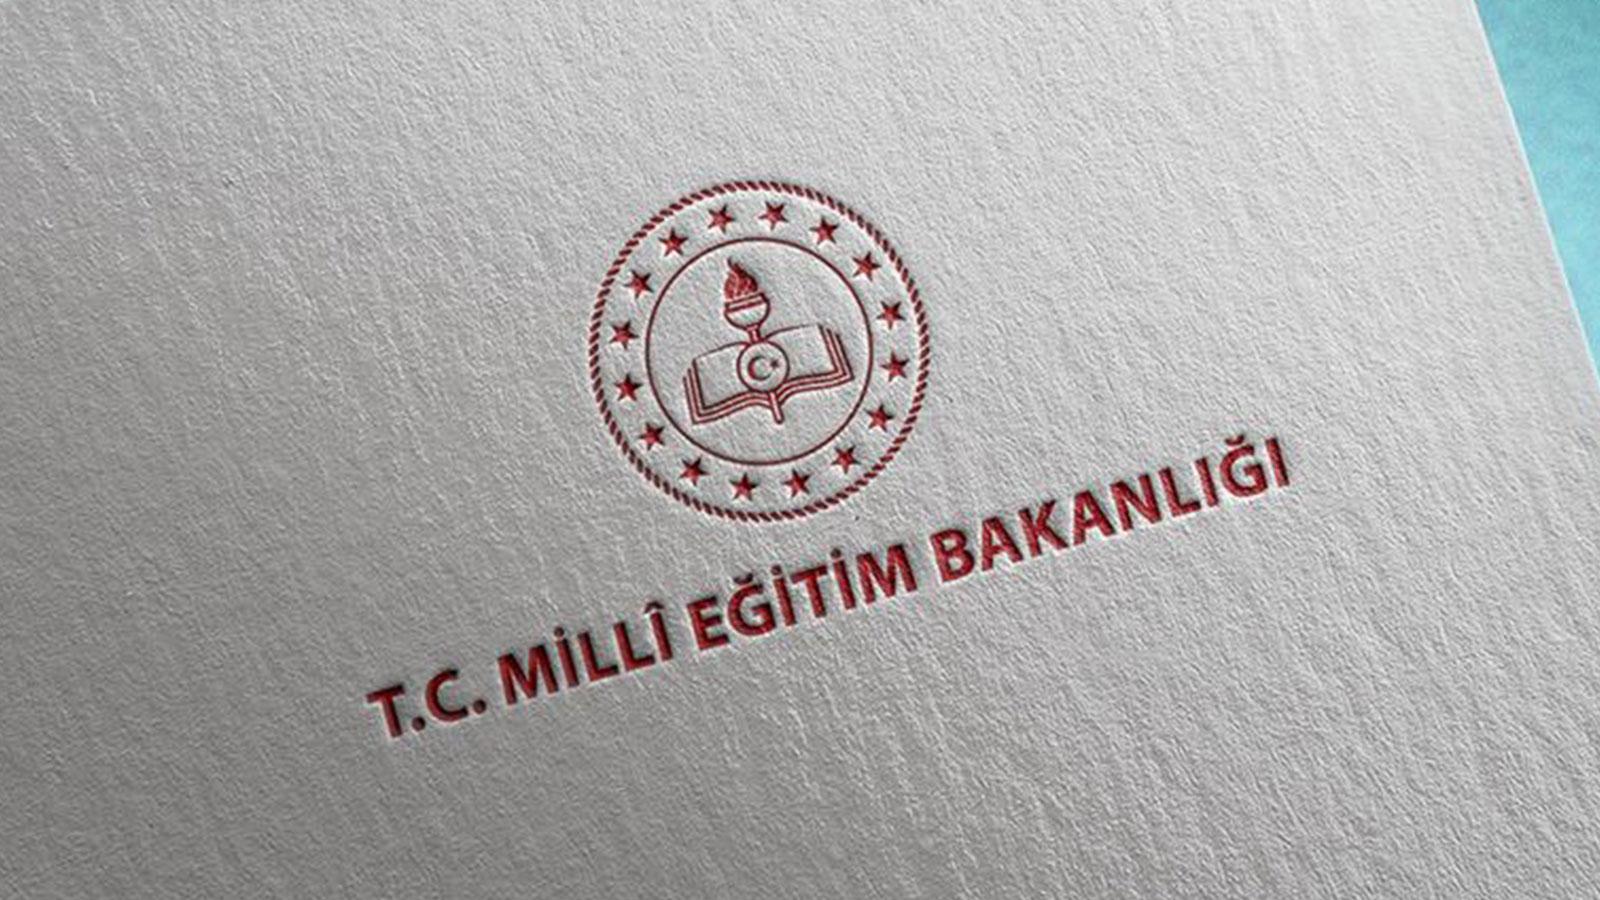 Milli Eğitim Bakanlığı'ndan 'eğitim takvimi' uyarısı